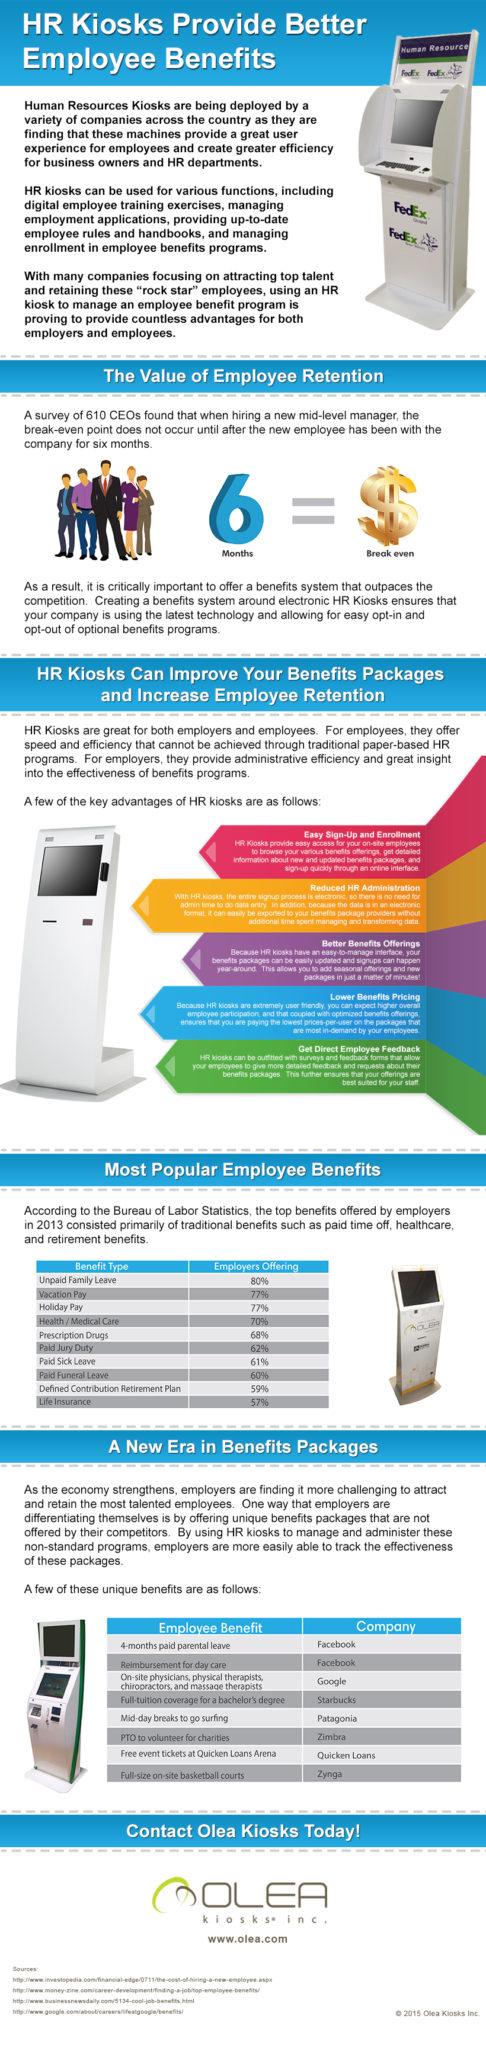 Better Employee Benefits through HR Kiosks